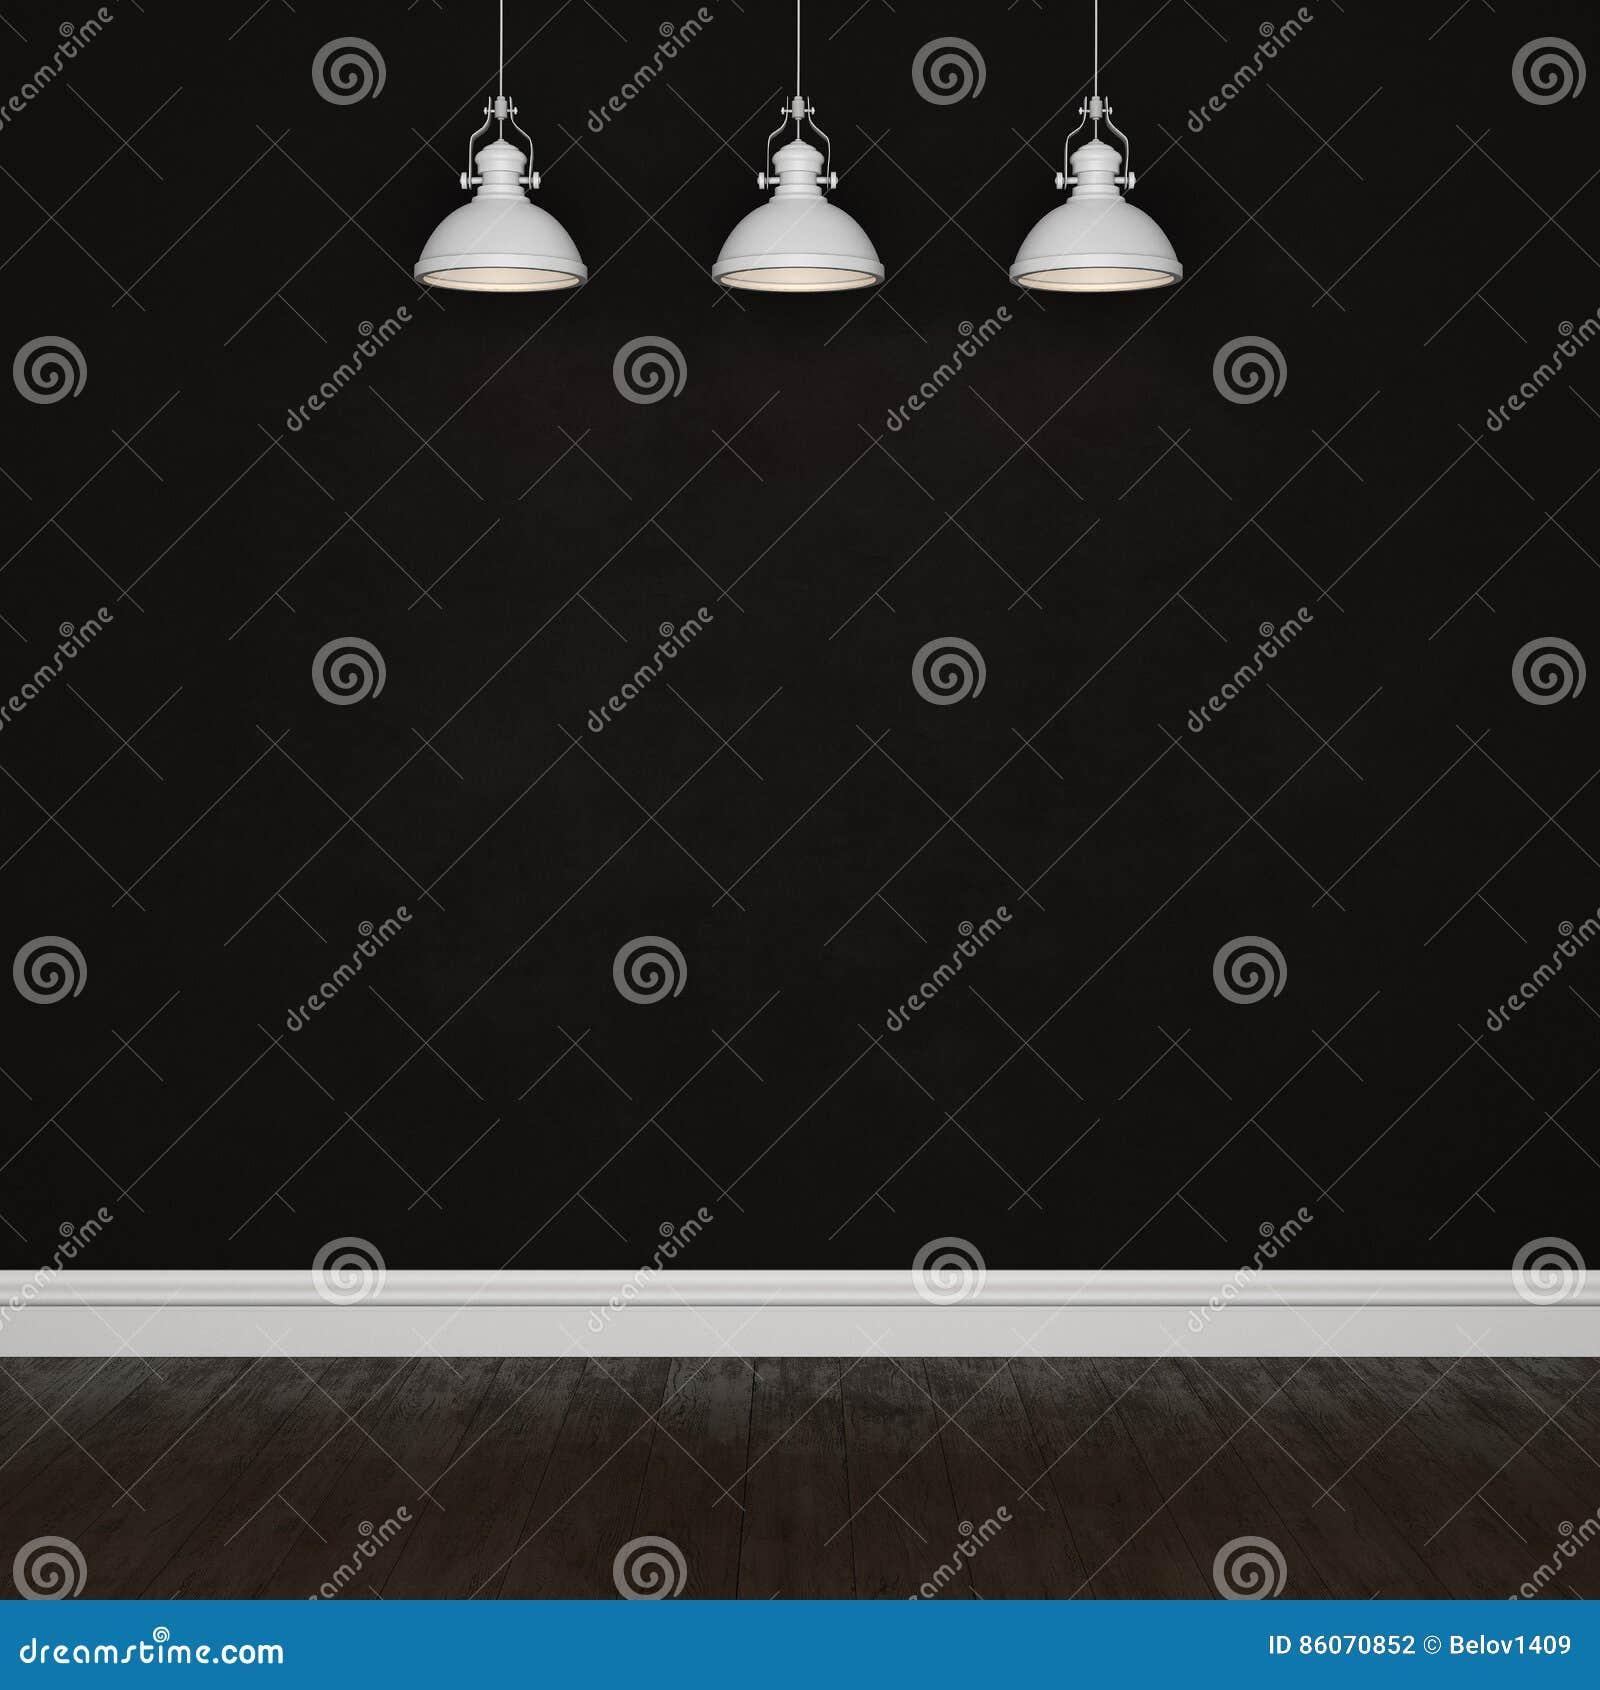 Dunkle Betonmauer und Bretterboden mit elektrischen Lampen